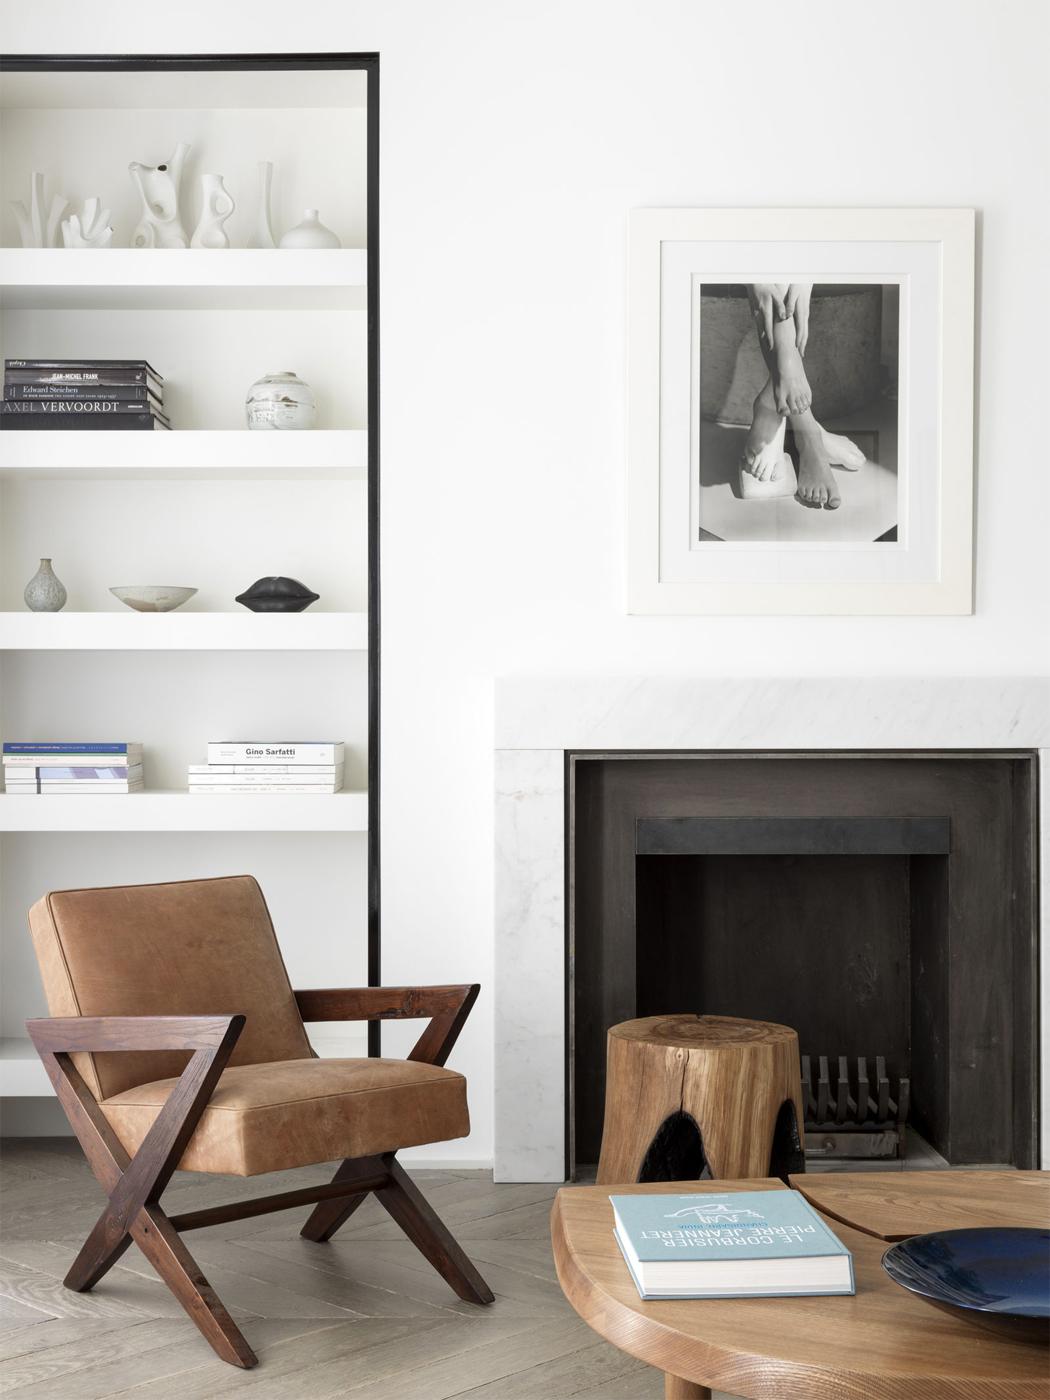 jr-apartement-by-Nicolas-Schuybroek.-6.png